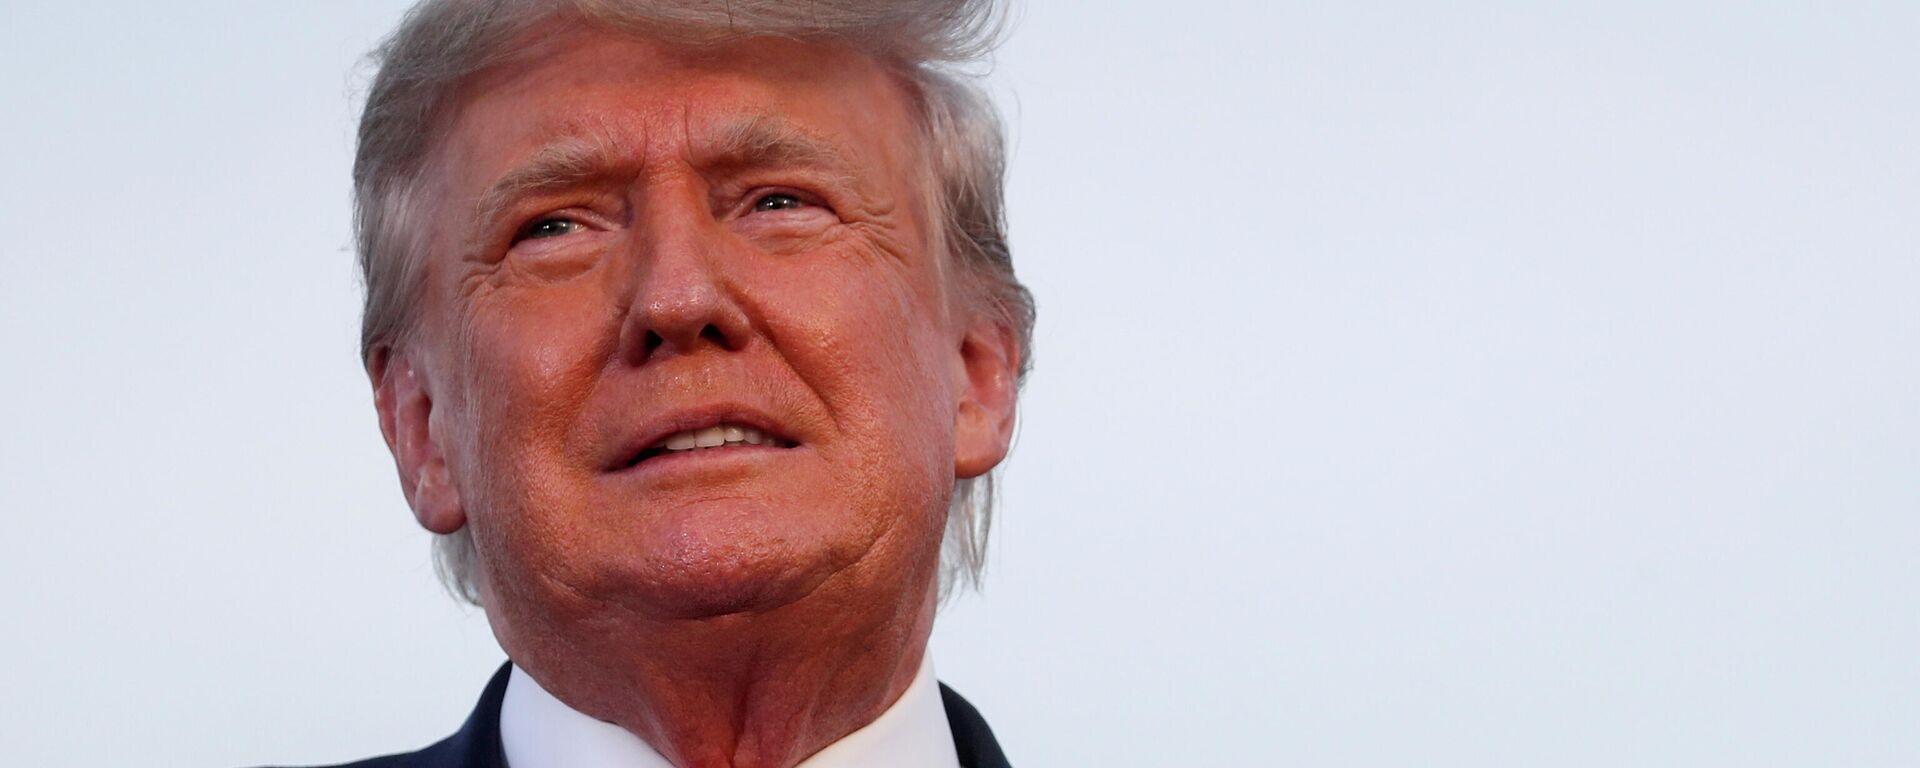 Donald Trump, expresidente de EEUU - Sputnik Mundo, 1920, 08.10.2021